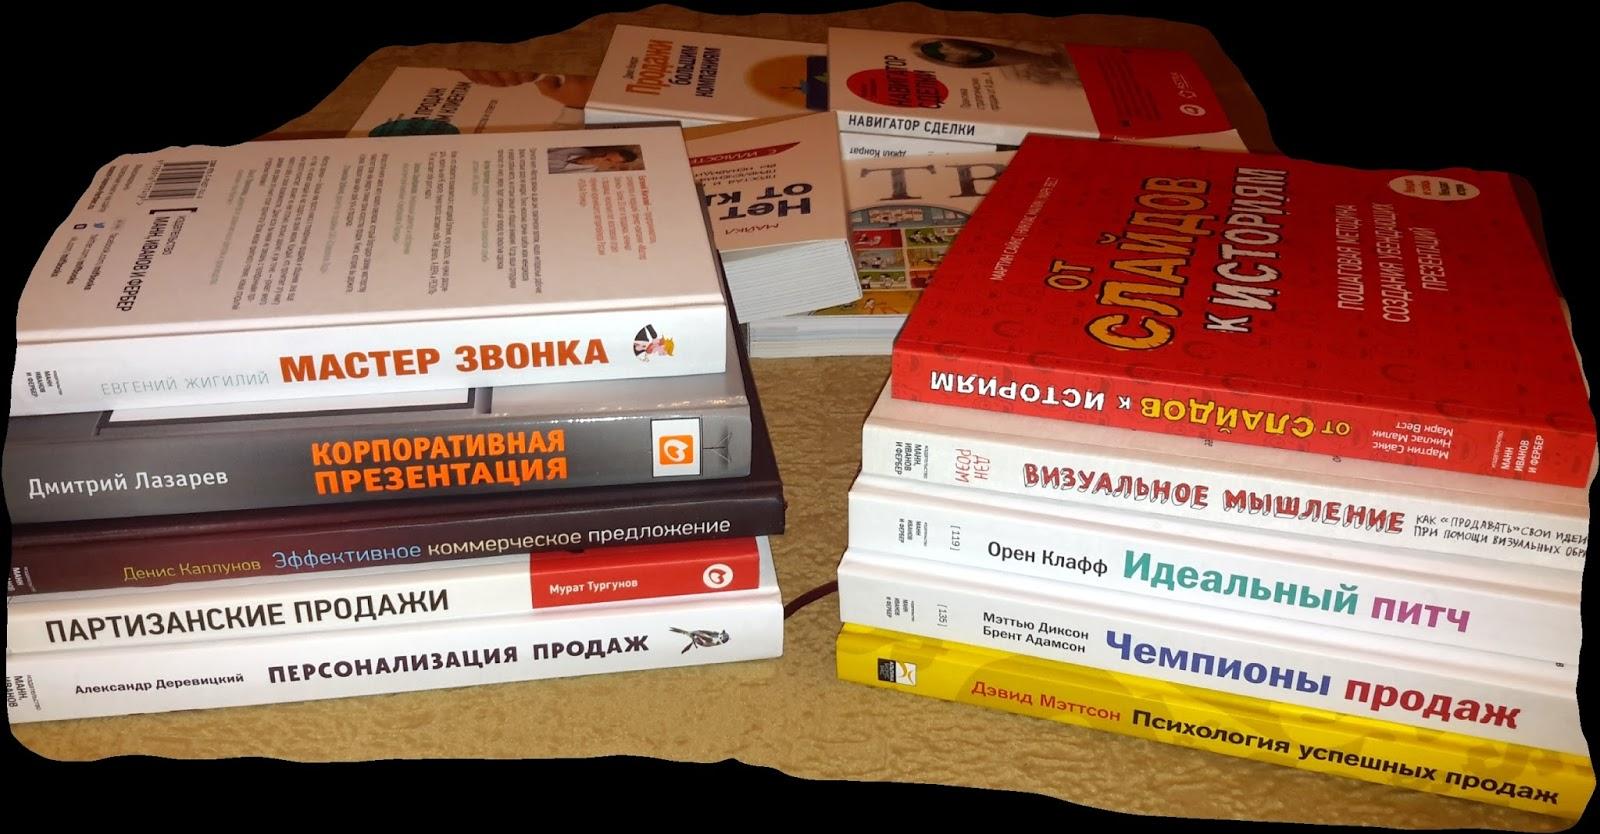 Книги для менеджеров по продажам скачать